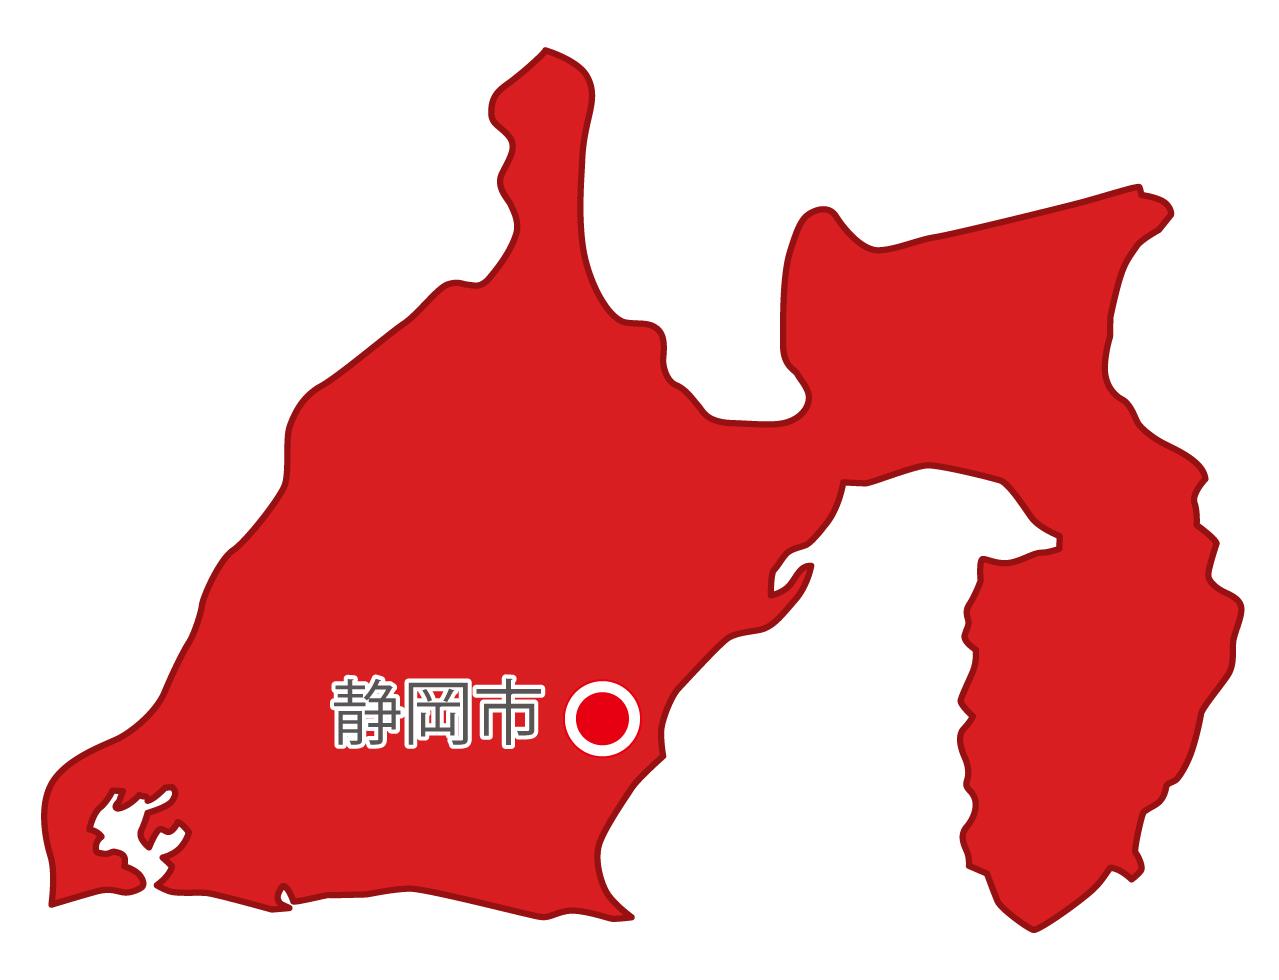 静岡県無料フリーイラスト|日本語・県庁所在地あり(赤)